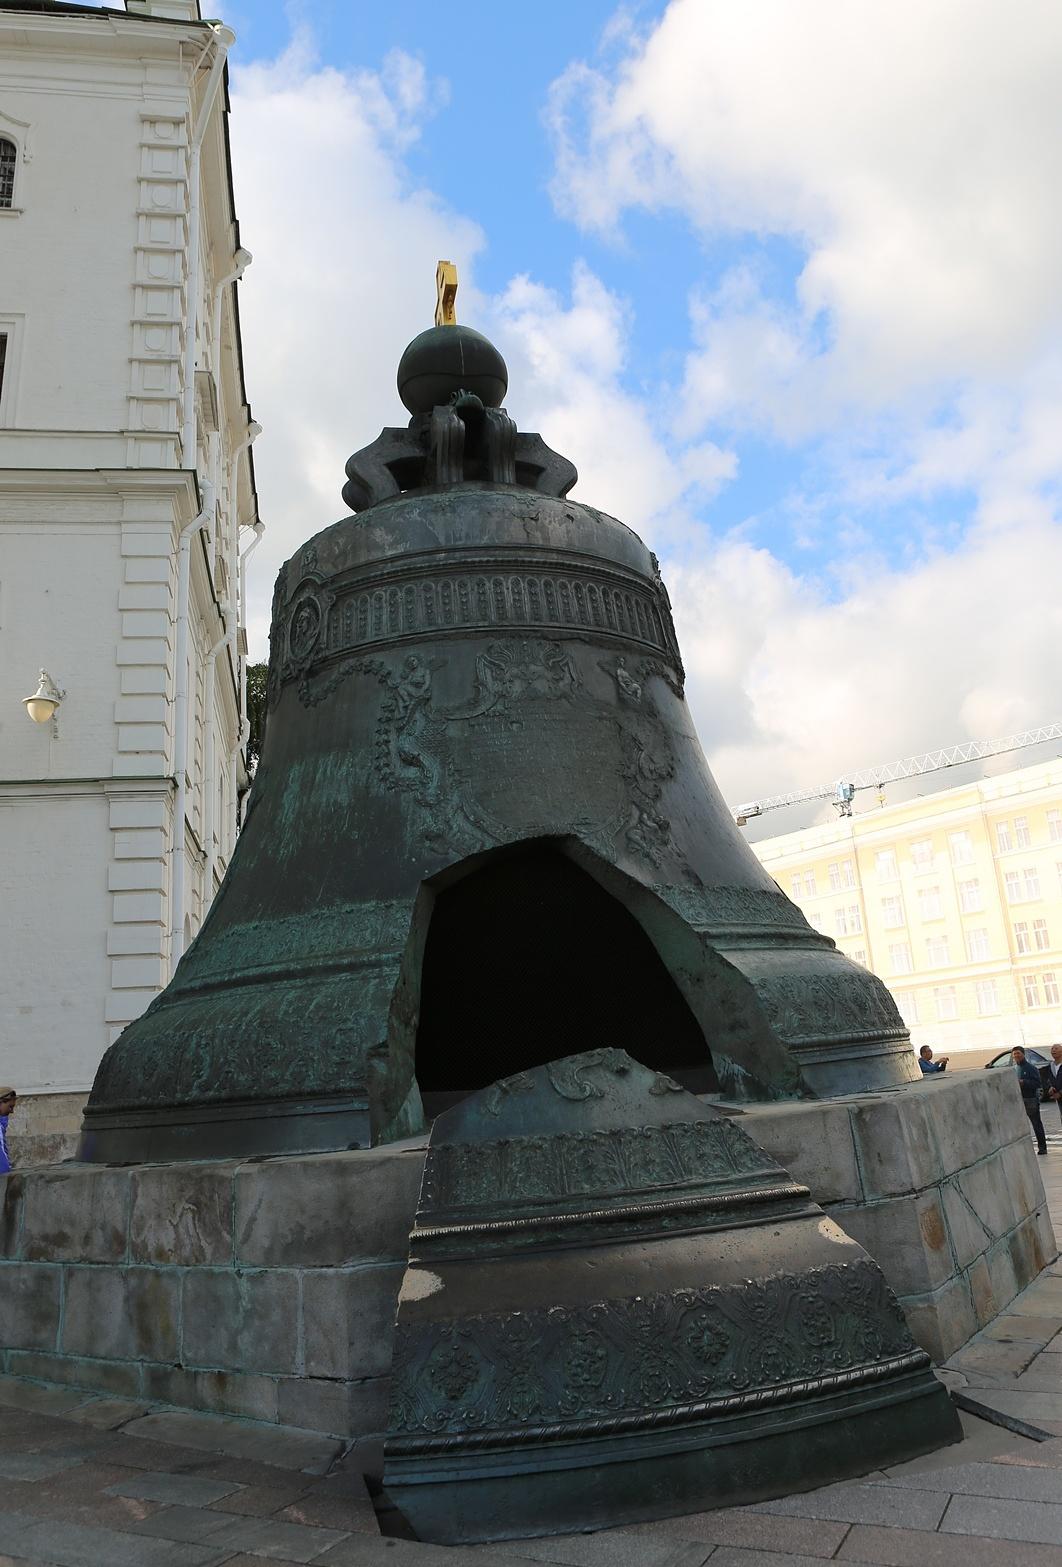 Great Bell by malekzadeh1384